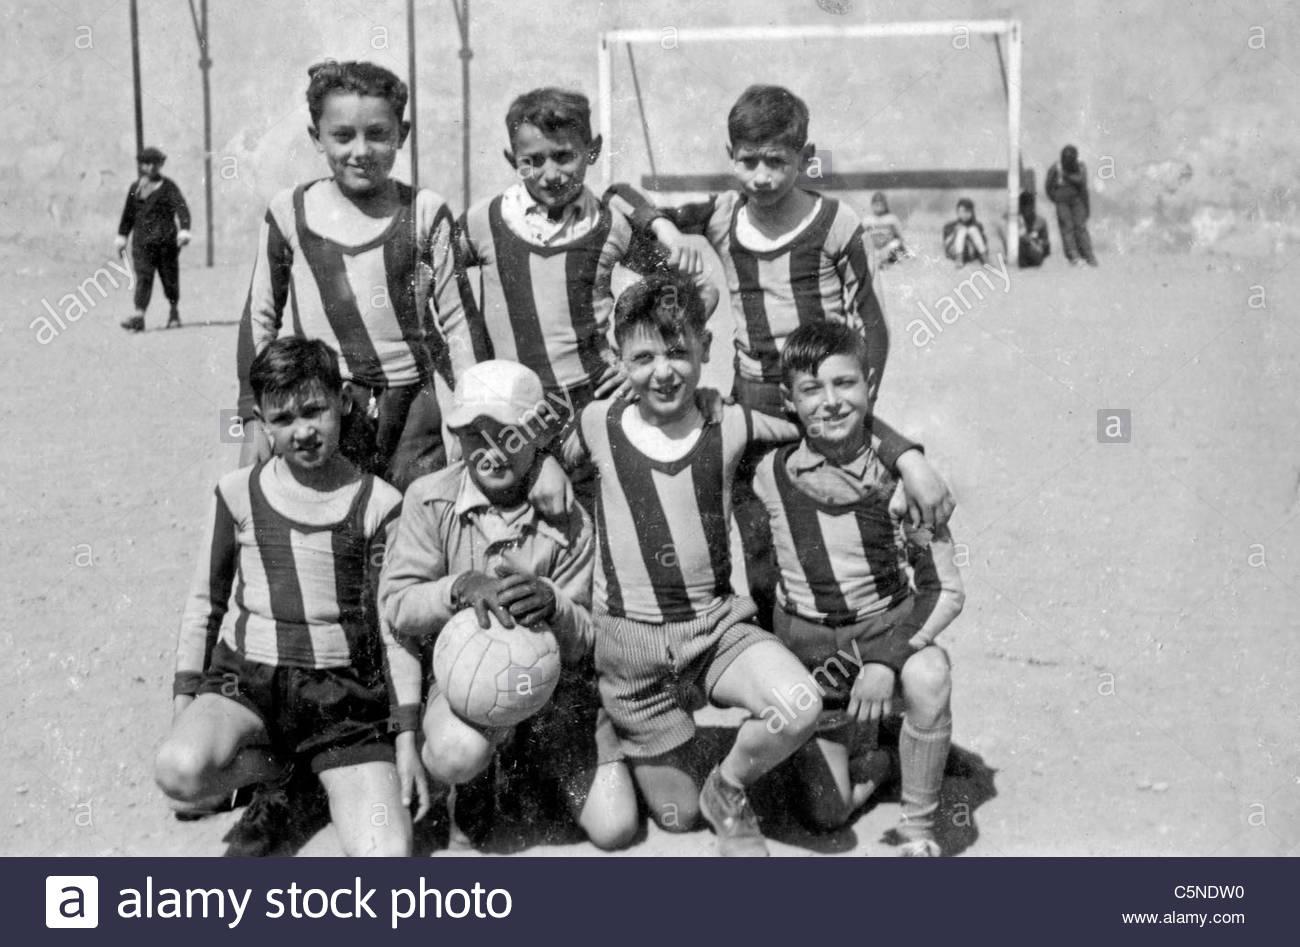 football team, italy, 40s-50s - Stock Image